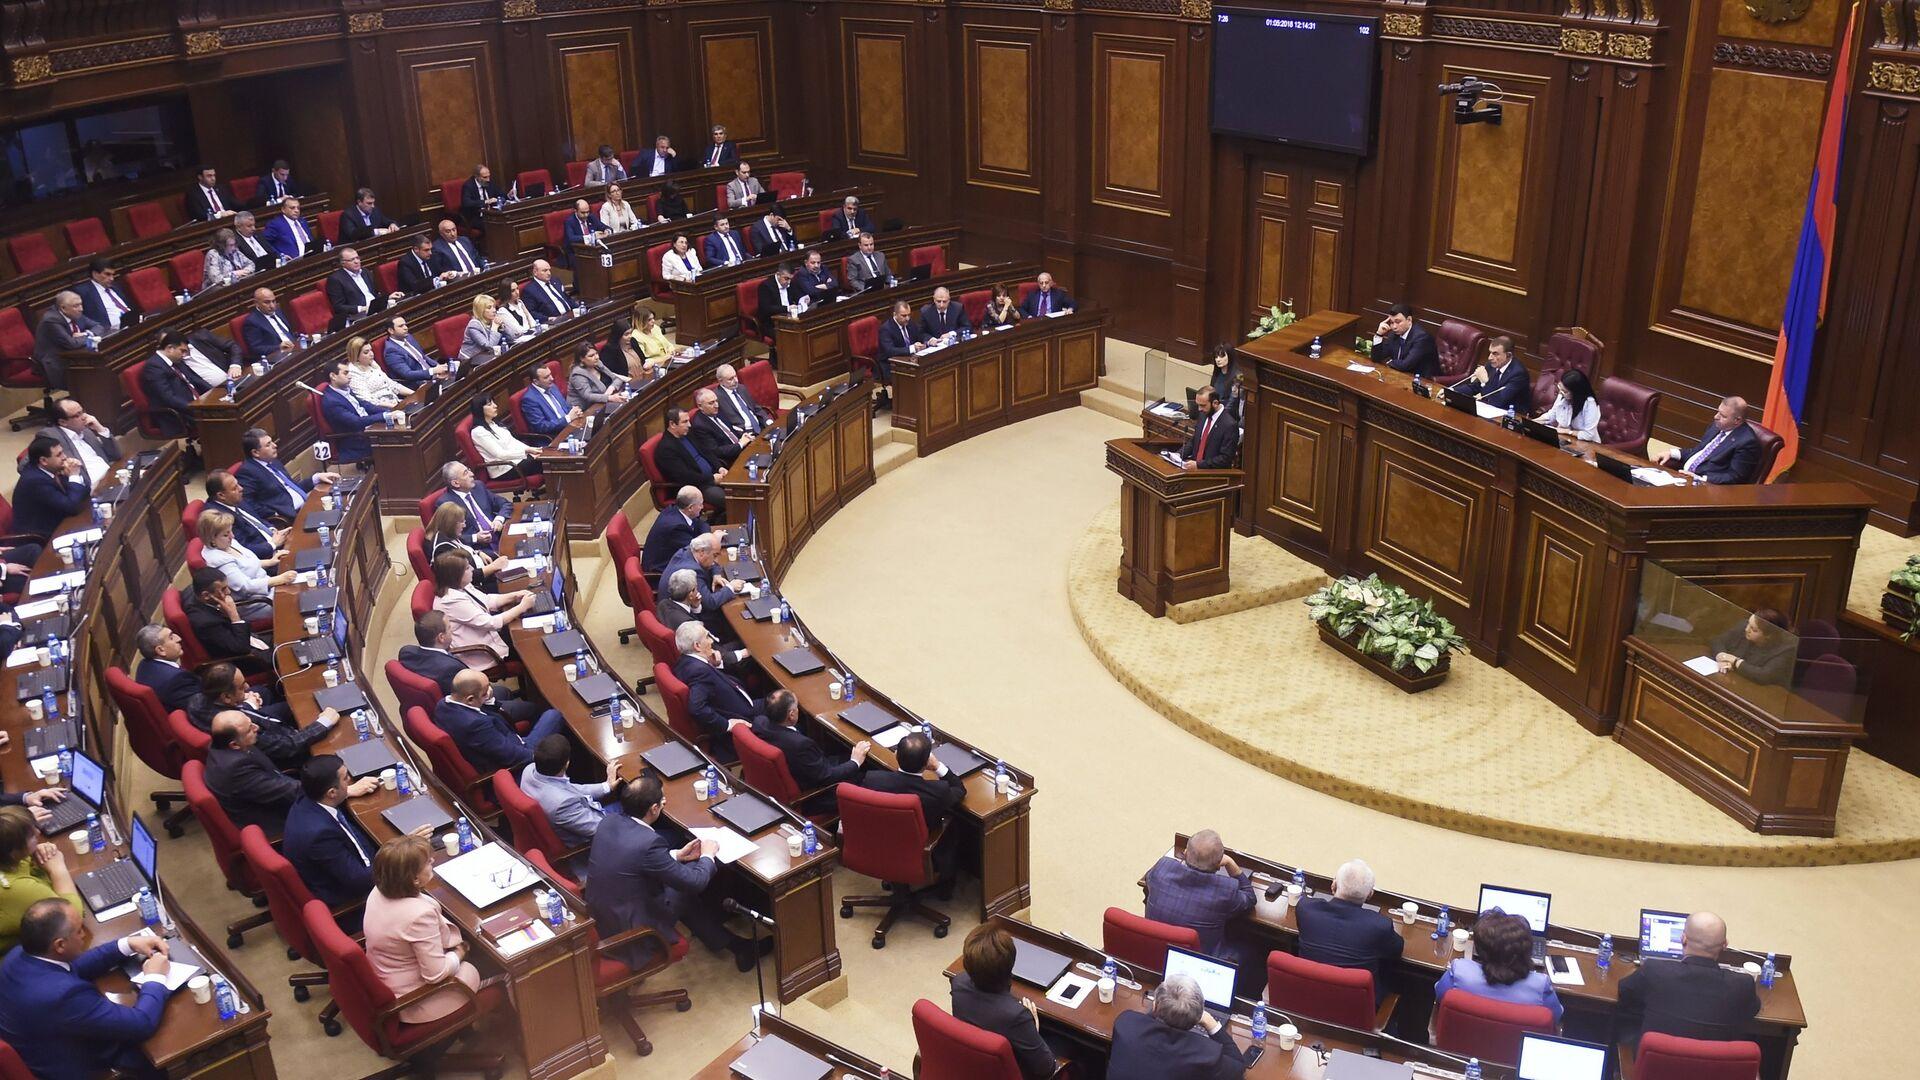 Внеочередное заседание по выборам нового премьер-министра в парламенте Армении. 1 мая 2018 - РИА Новости, 1920, 23.12.2020